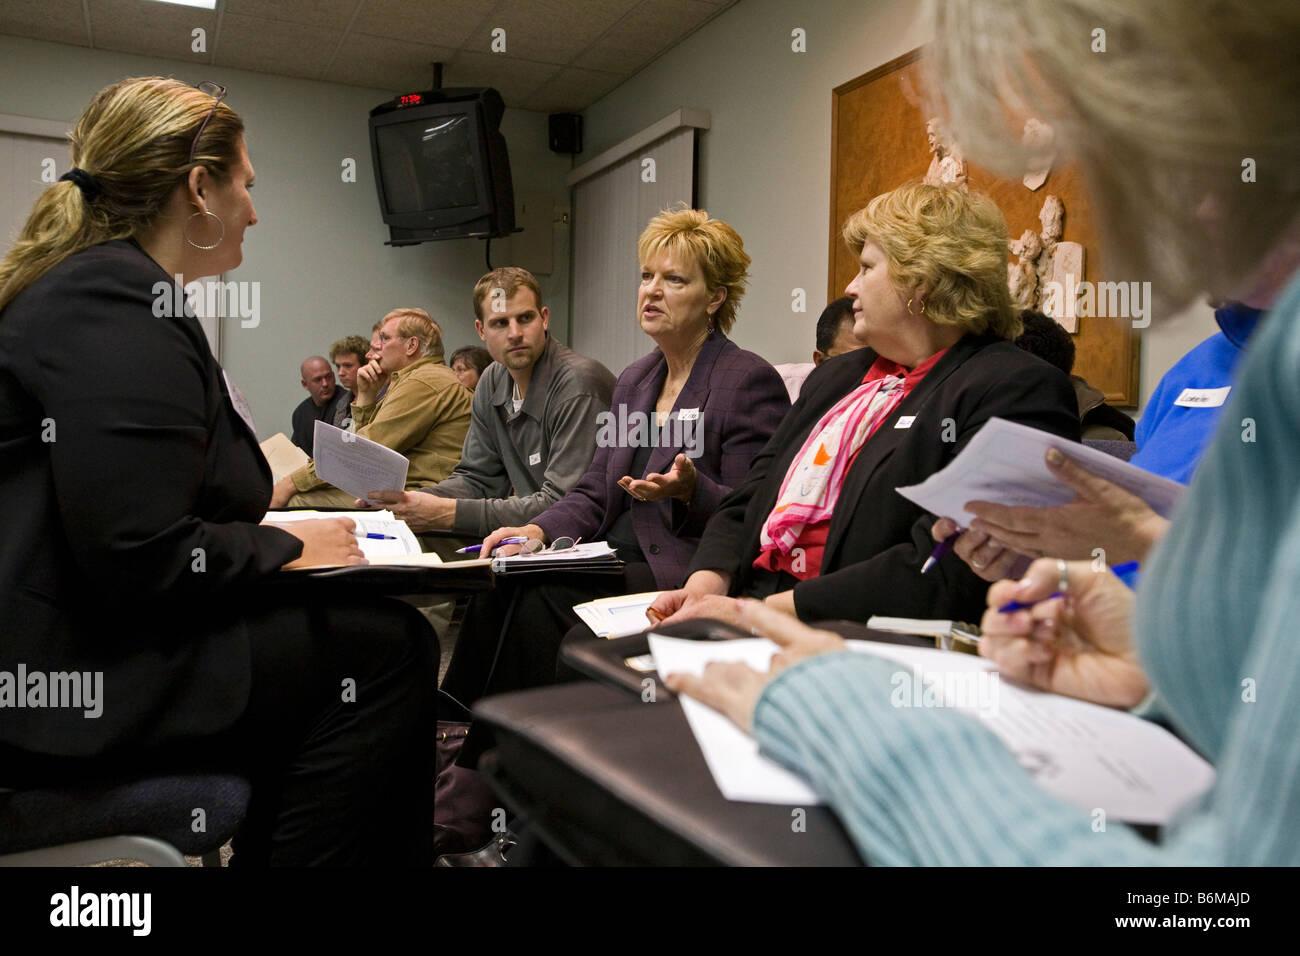 Eglise offre d'orientation professionnelle pour les chômeurs Photo Stock